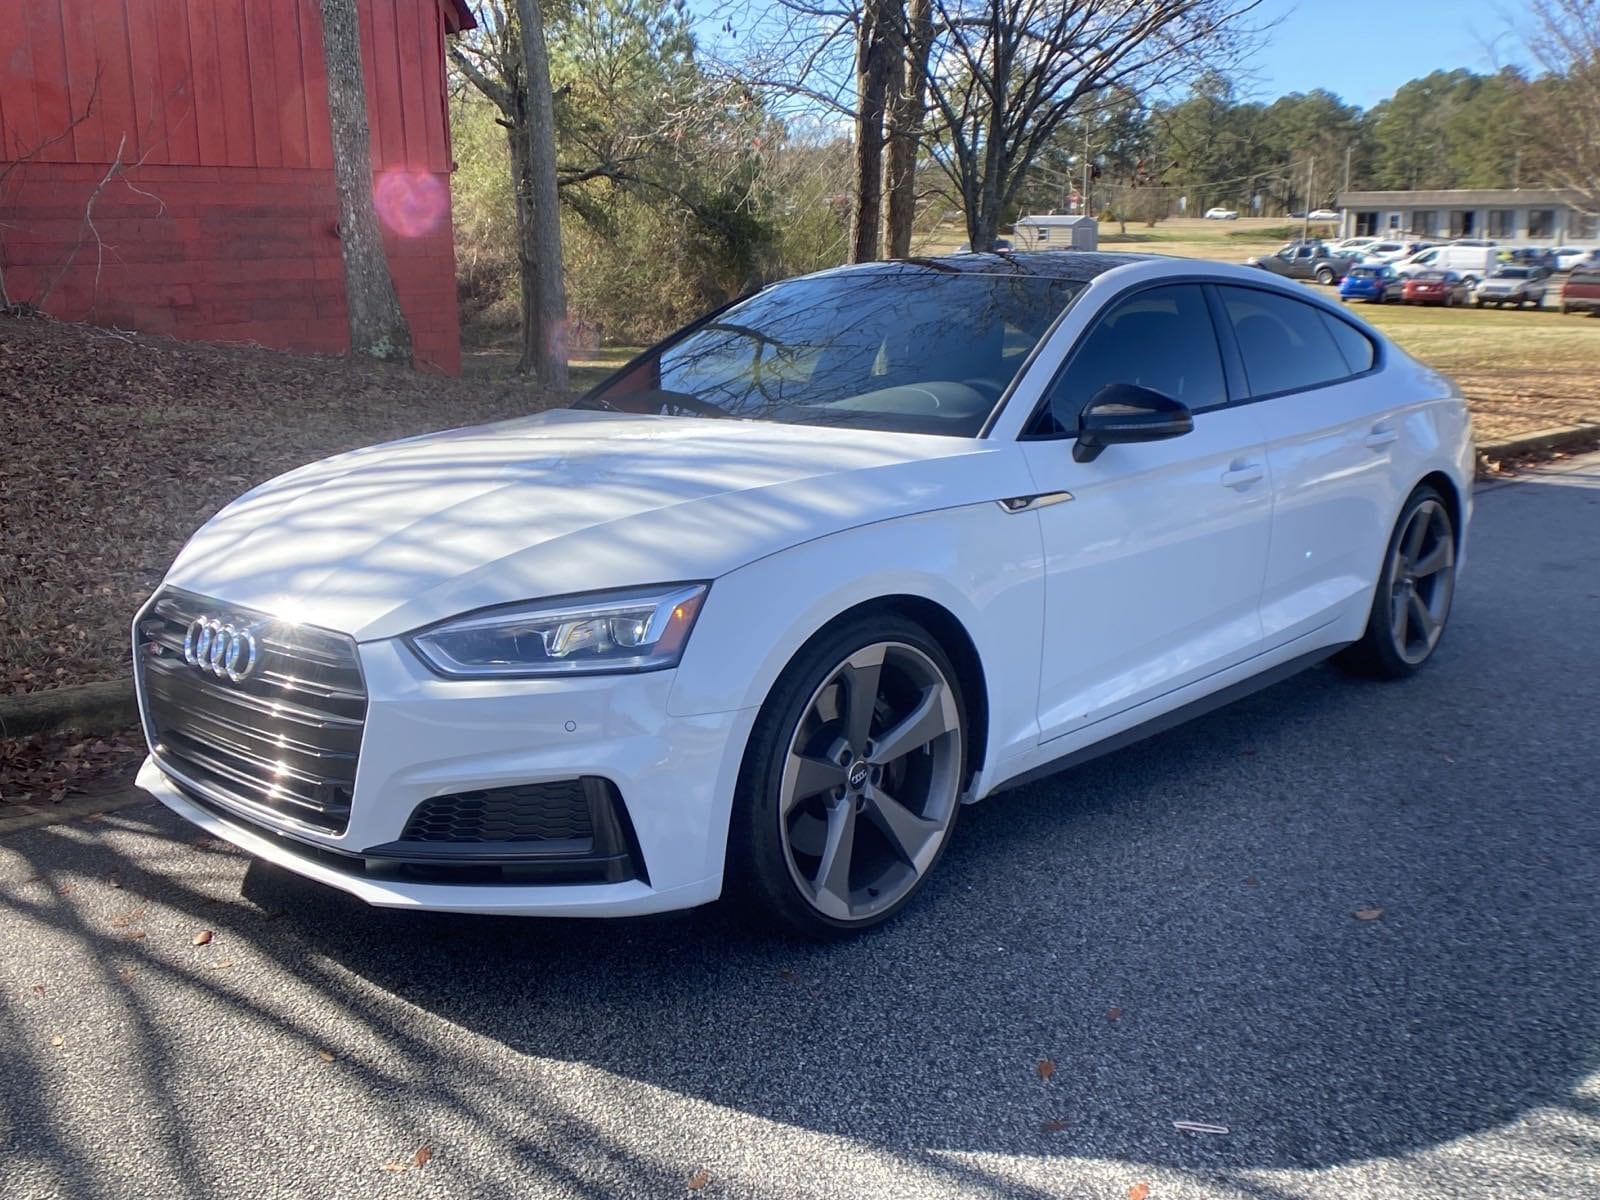 2019 Audi S5 Sportback Premium Plus Premium Plus 3.0 TFSI quattro